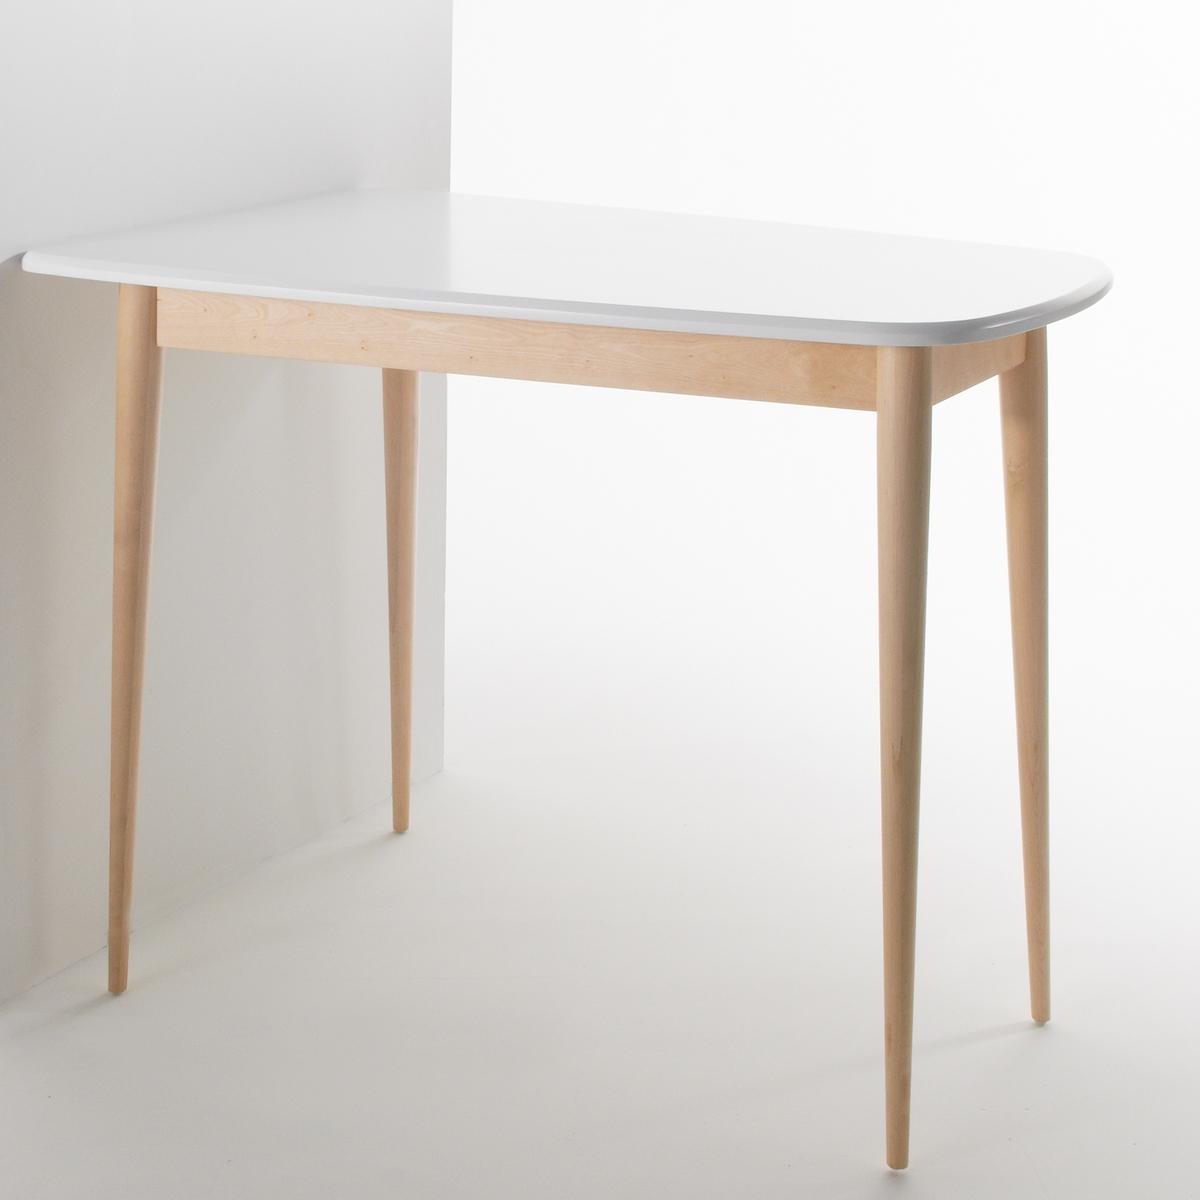 Барная La Redoute Стойка на - персон JIMI 5 персоны белый стол la redoute обеденный с удлинением персон jimi 10 персоны белый